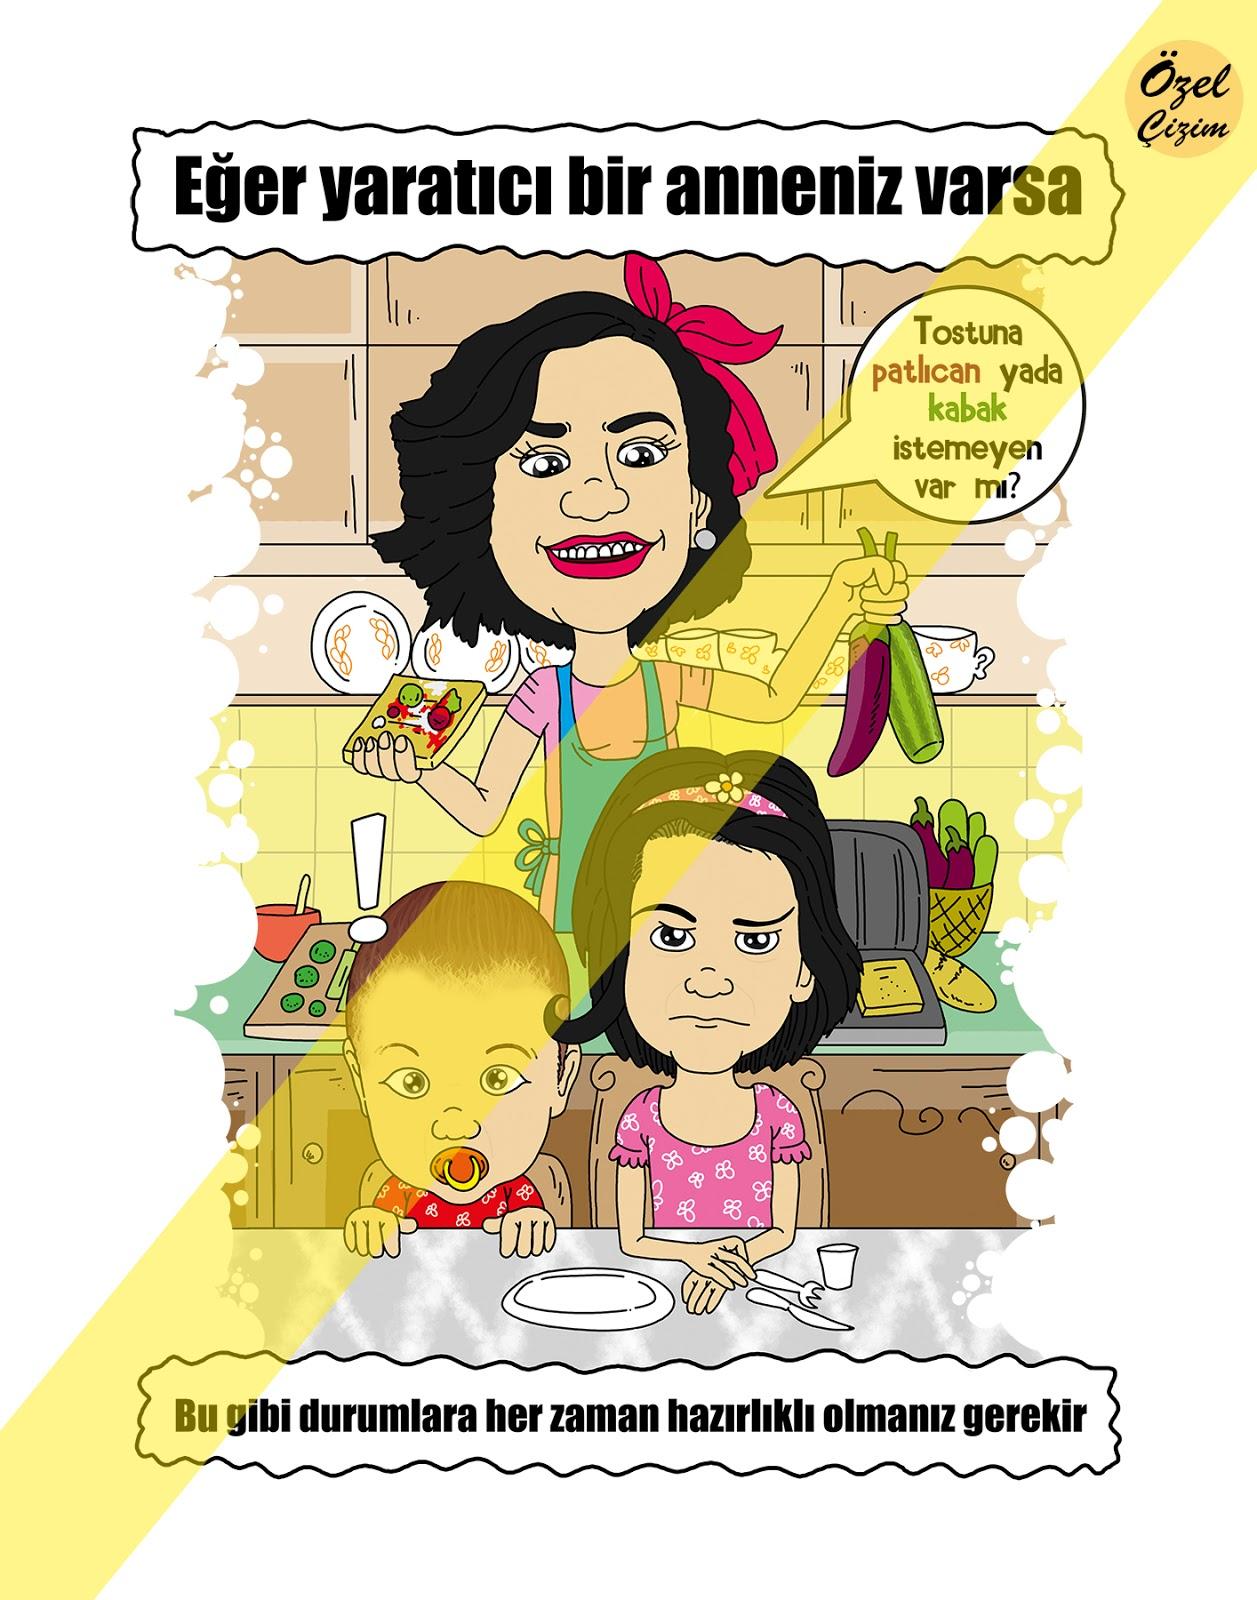 anneler günü için hediyeler, Anneler Günü, baskılı tişört,tişört,hediye tişört,komik hediye, sıradışı hediyeler, şaşırtıcı hediyeler, özel çizim, karikatür portre, Hediye Karikatür, anne, yemek yapan anne, tost yapan anne, anne ve çocukları